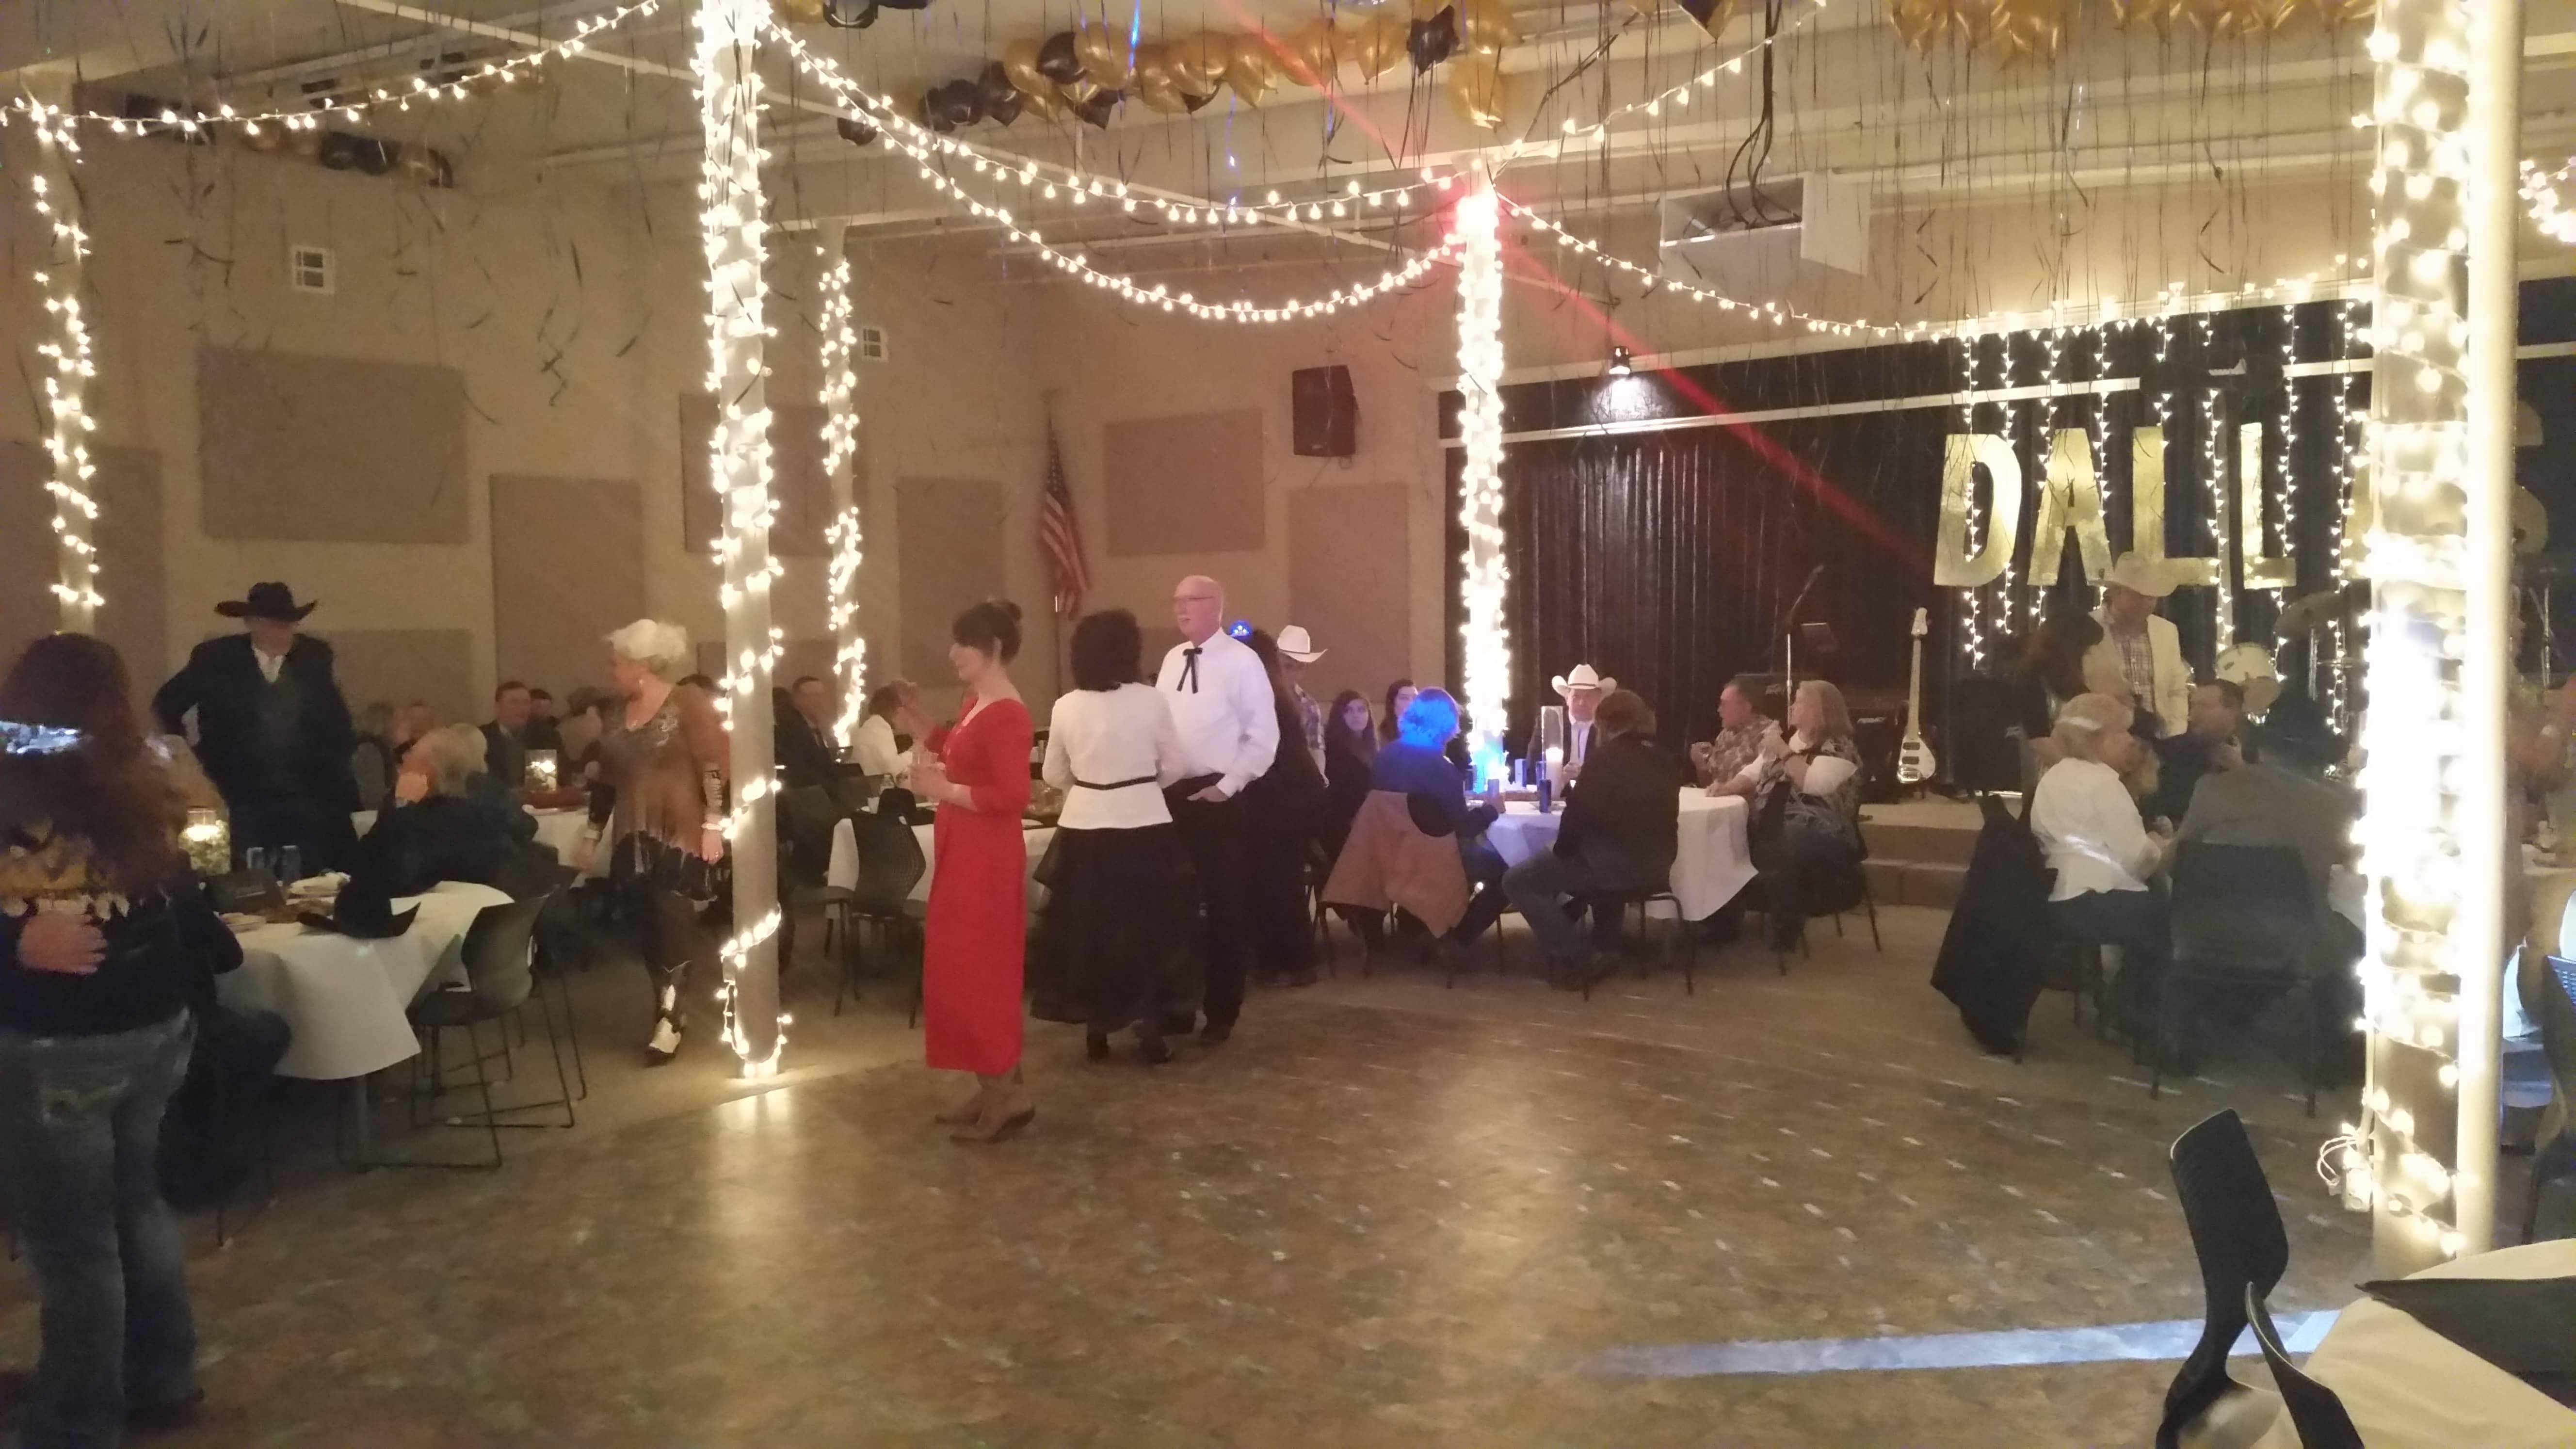 Dallas dance 5